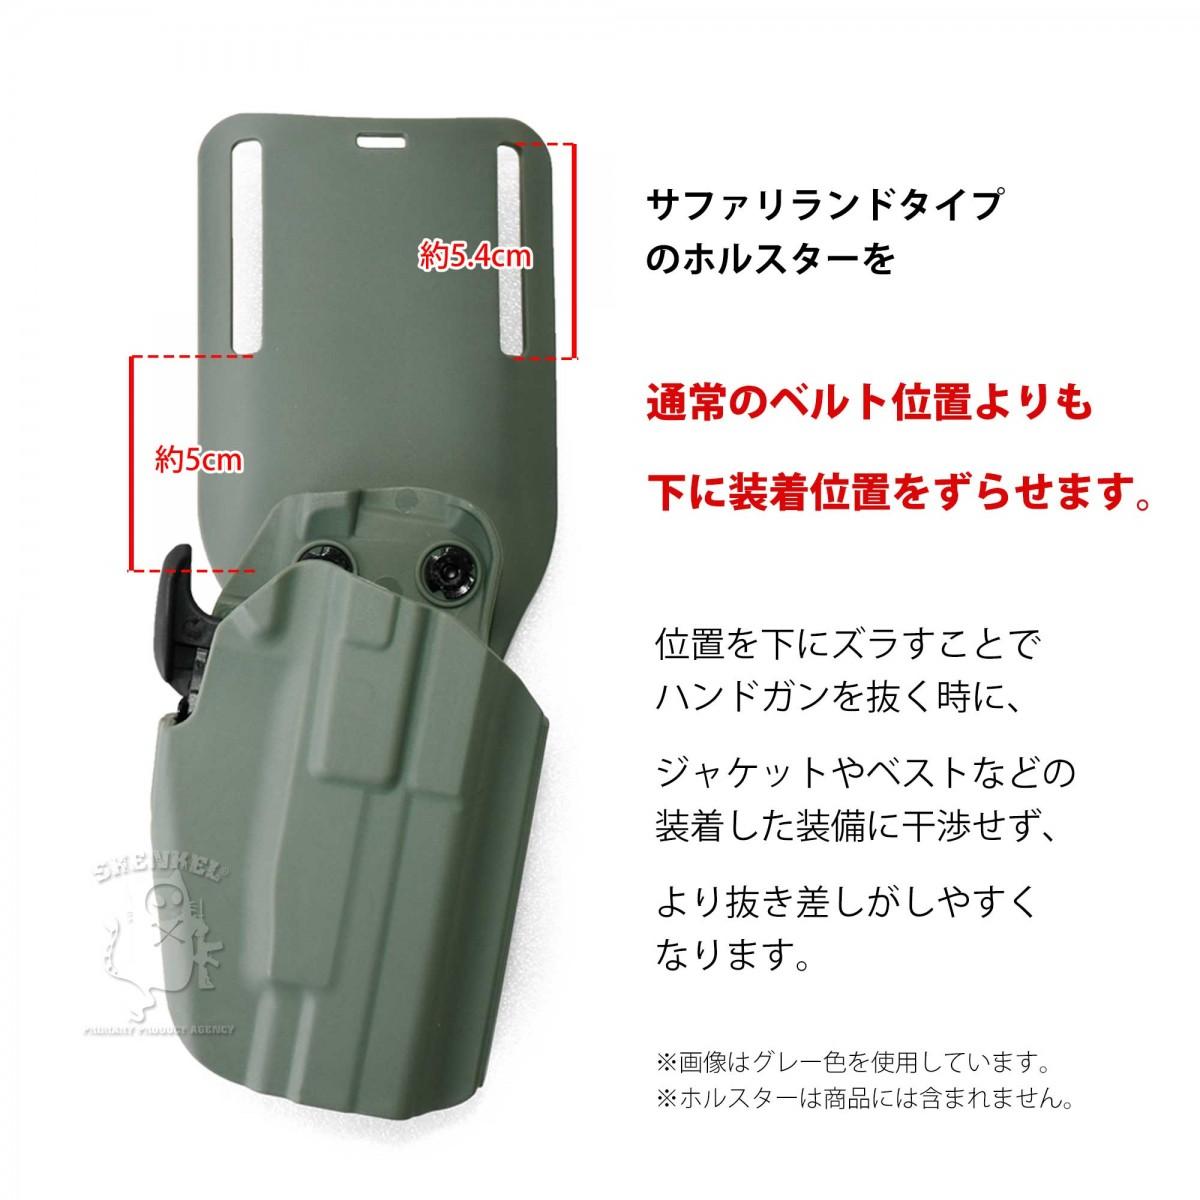 SHENKEL サファリランドタイプ ベルト ホルスター ドロップ アダプター (タン/グレー/ブラック) ベルトアダプター ローライド パネル